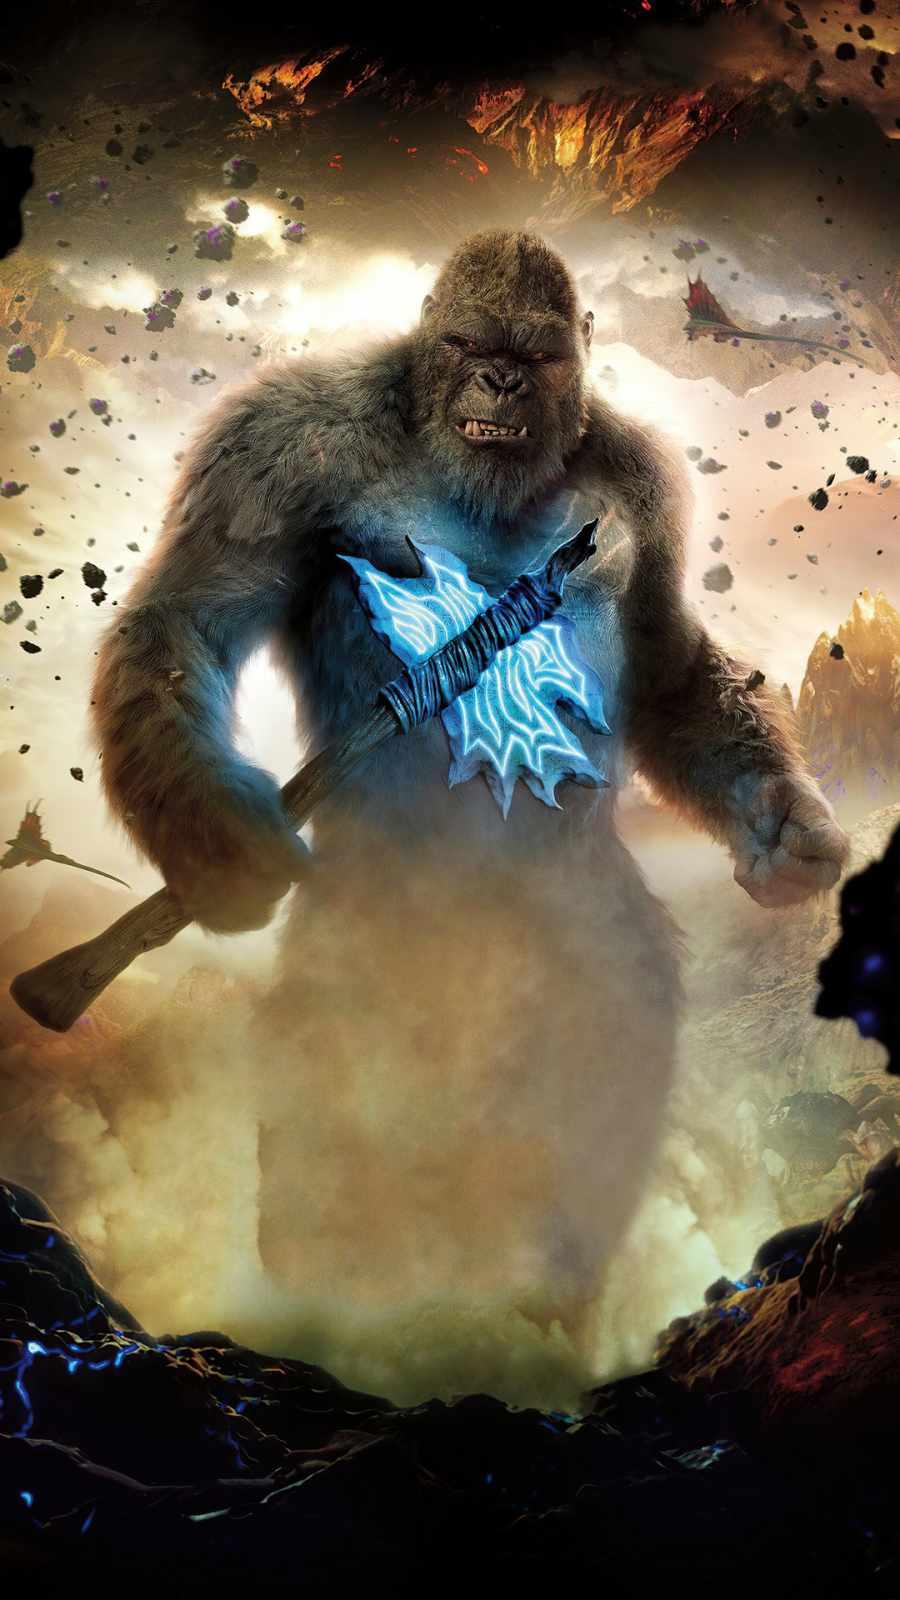 Godzilla v Kong movie